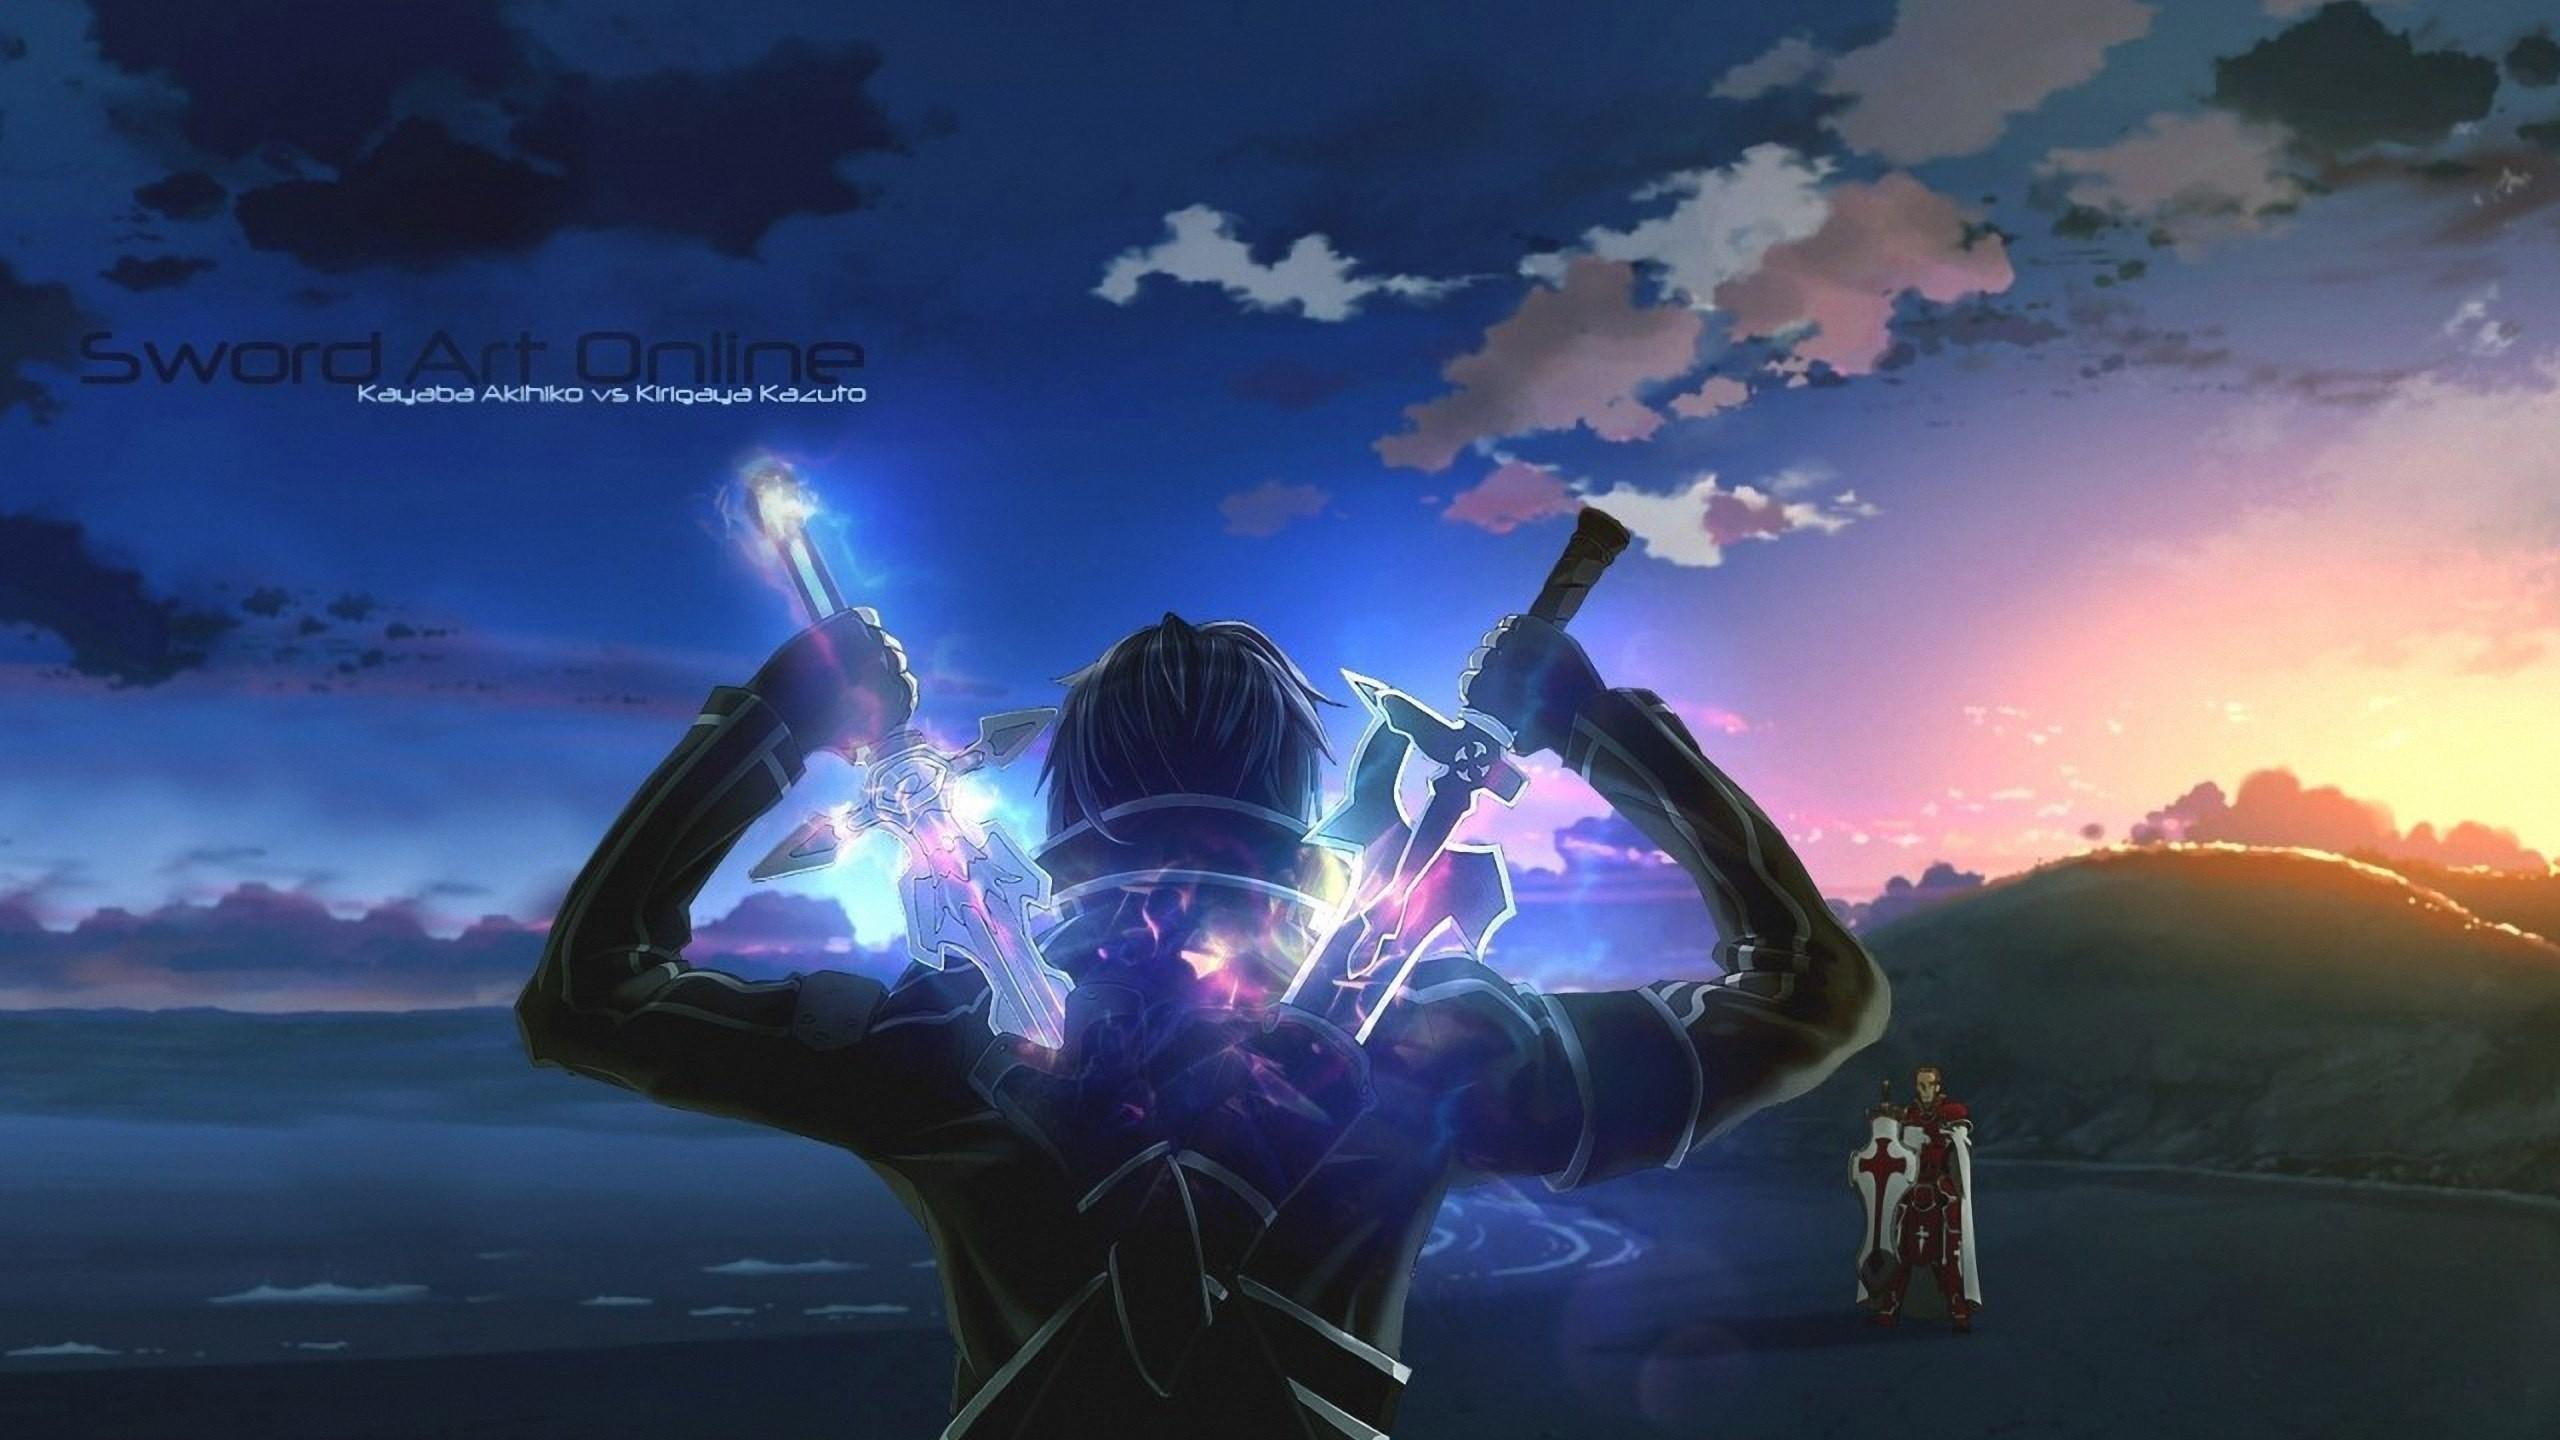 Sword Art Online Wallpaper #2325